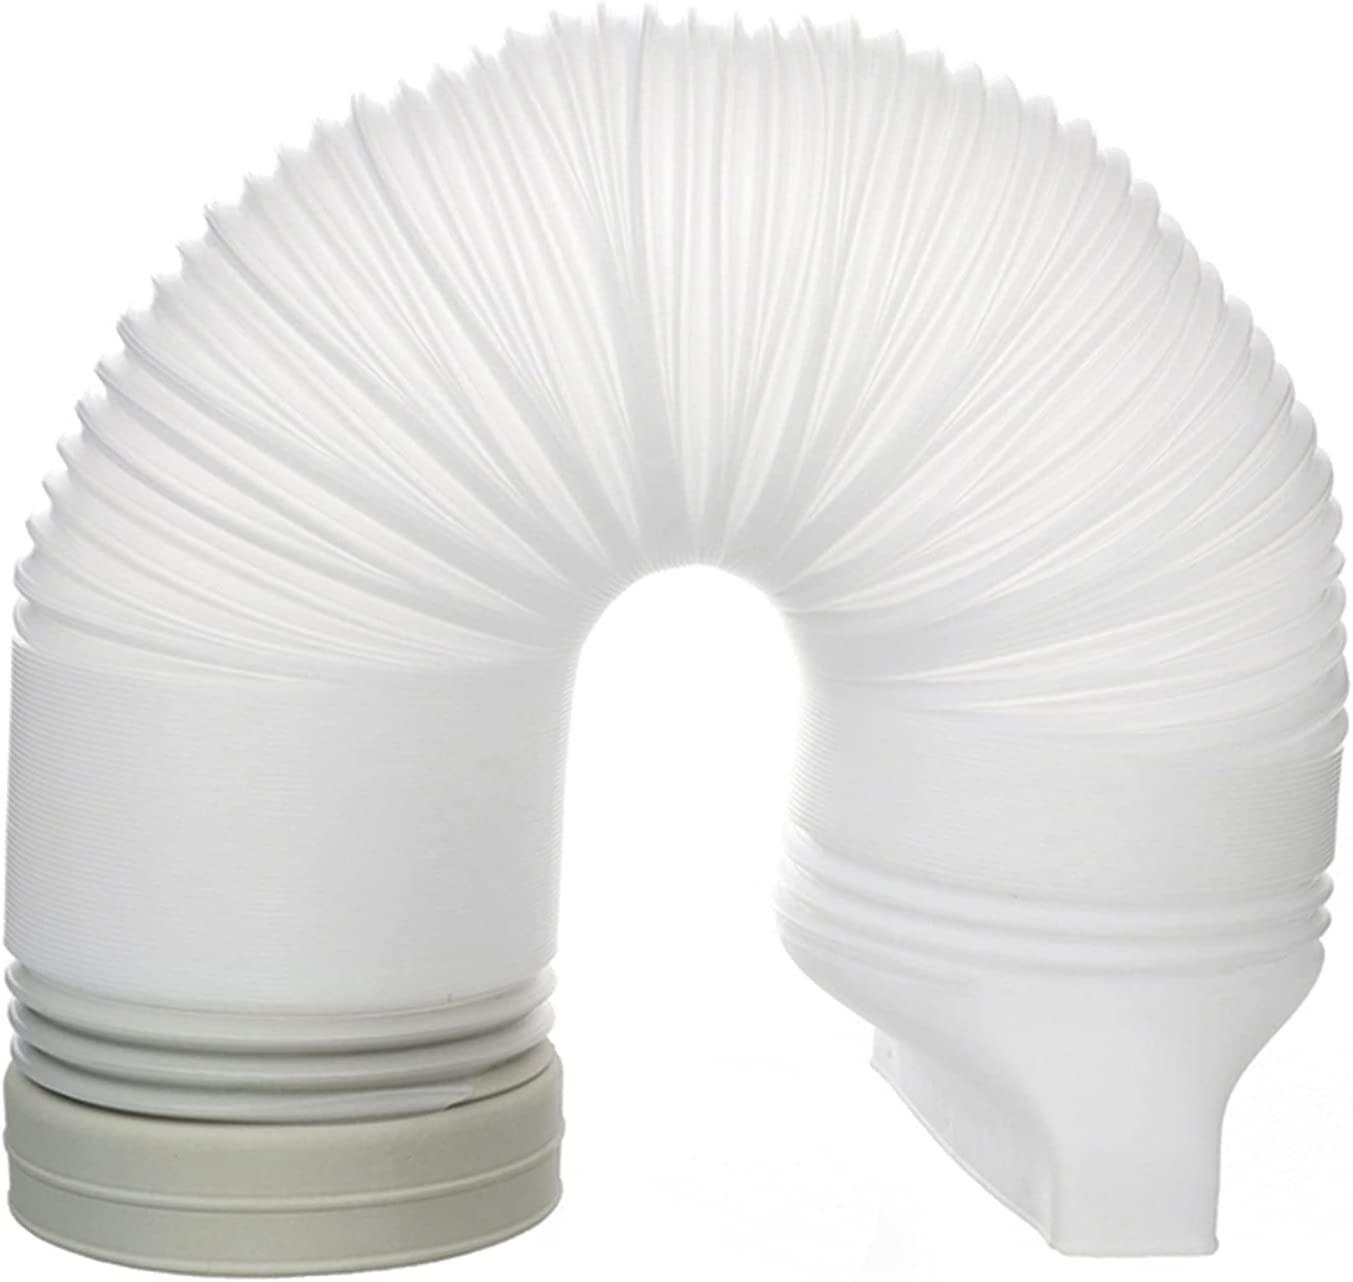 FENGFENG Sun Can 39.5-16 5 CM Acondicionador de Aire Flexible Manguera de Escape Tubo de ventilación Tubería de 160 mm de diámetro